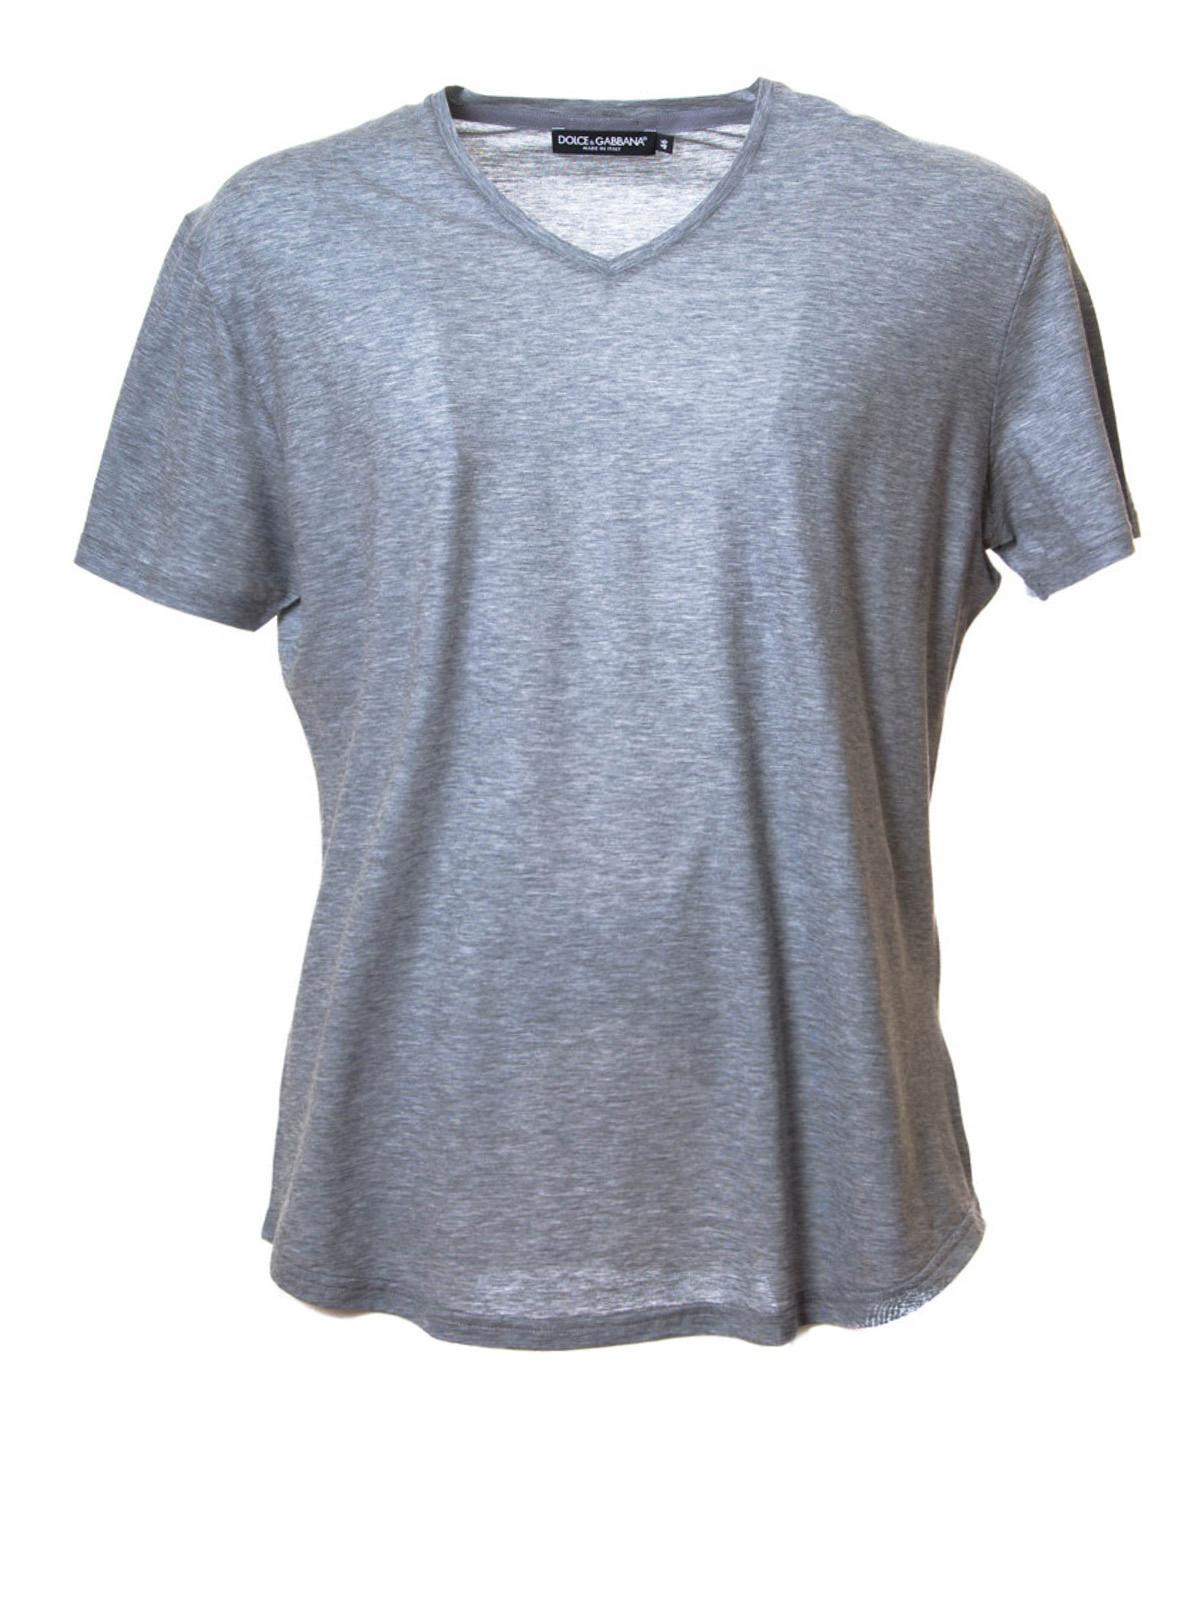 a4ba2cddee9c7 Dolce   Gabbana - Camiseta Gris Para Hombre - Camisetas ...